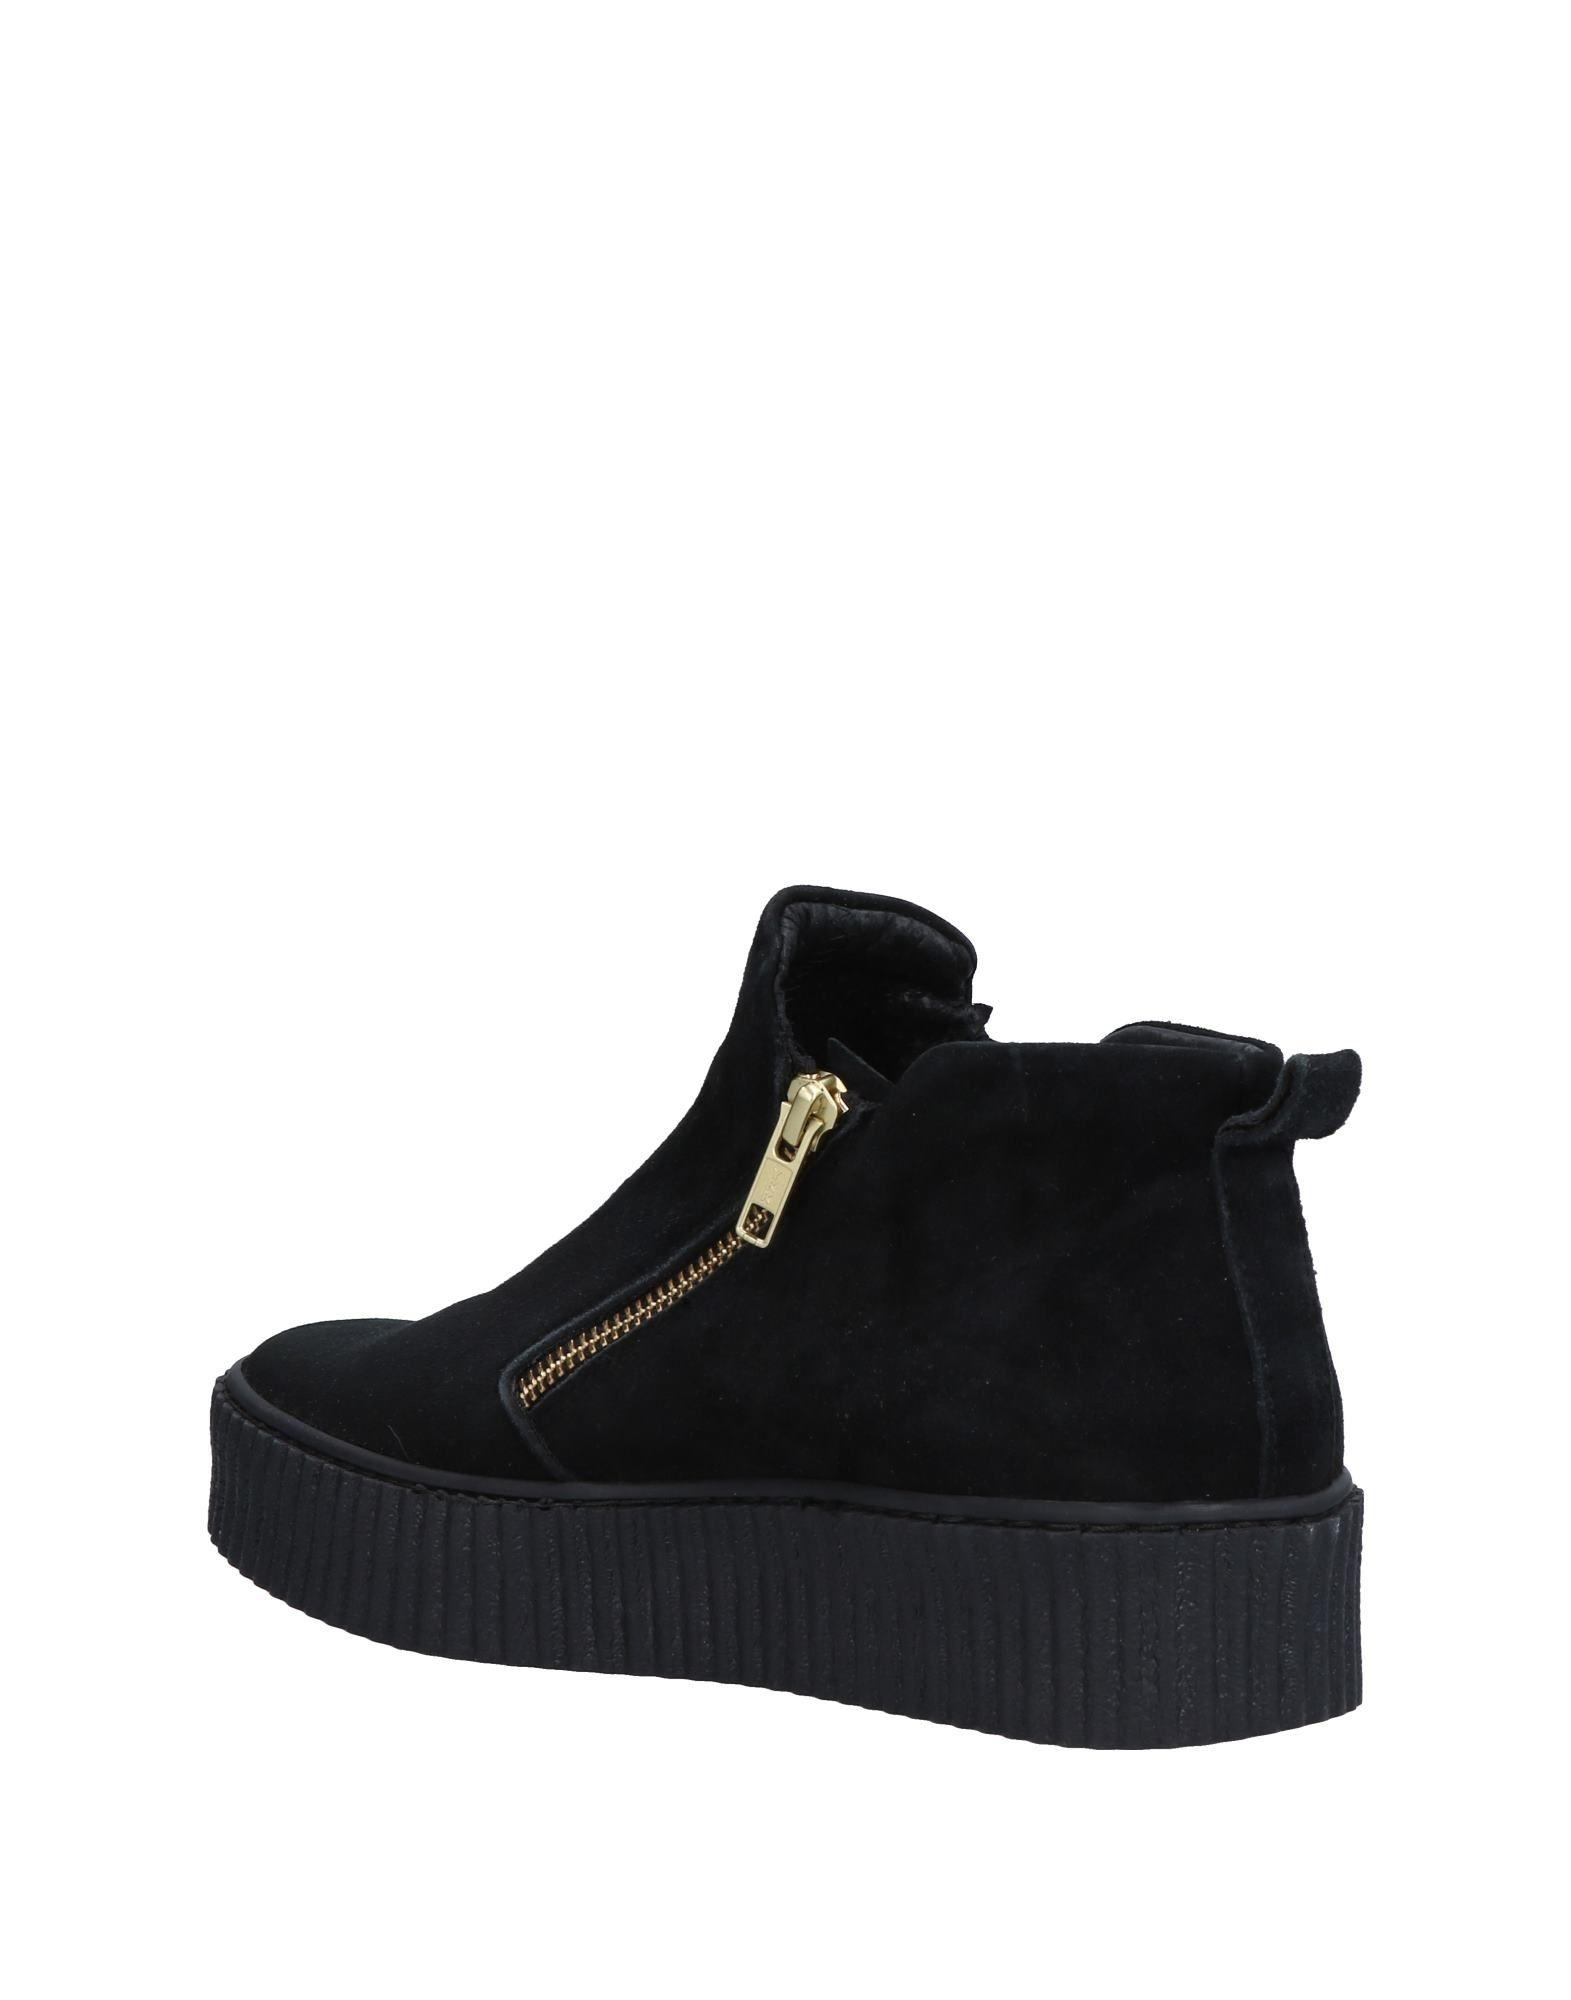 Gut um billige Schuhe zu  tragenLoretta Pettinari Sneakers Damen  zu 11494199CR 583455